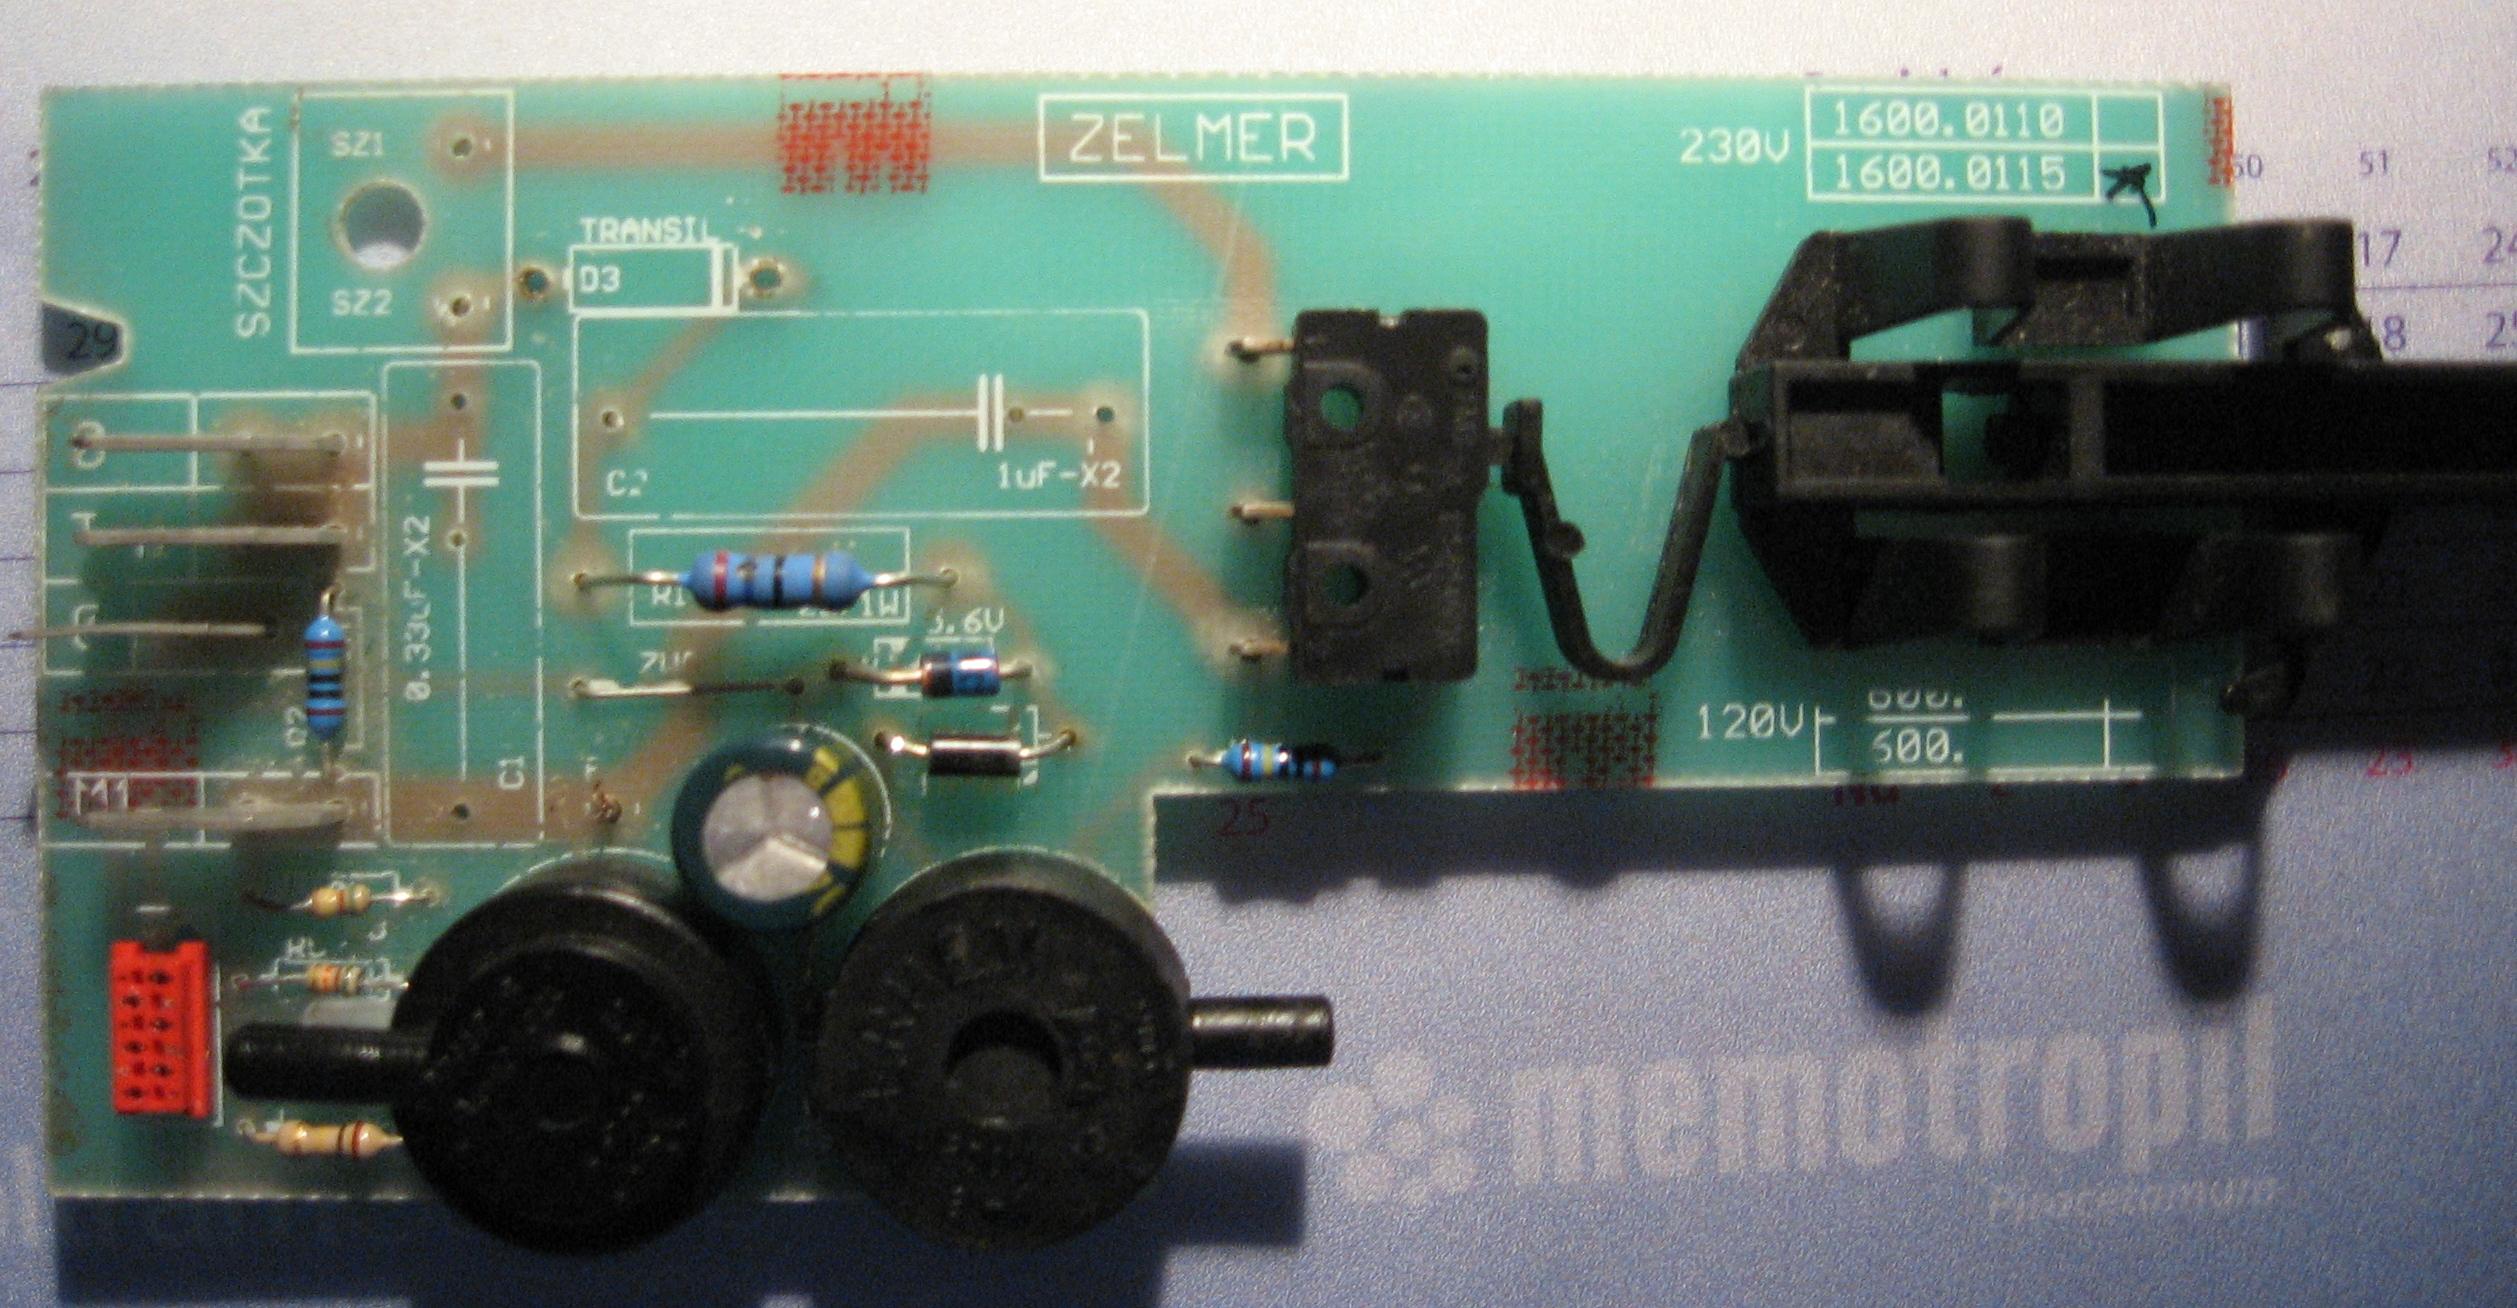 Odkurzacz zelmer syrius - g��wna p�ytka elektroniki.